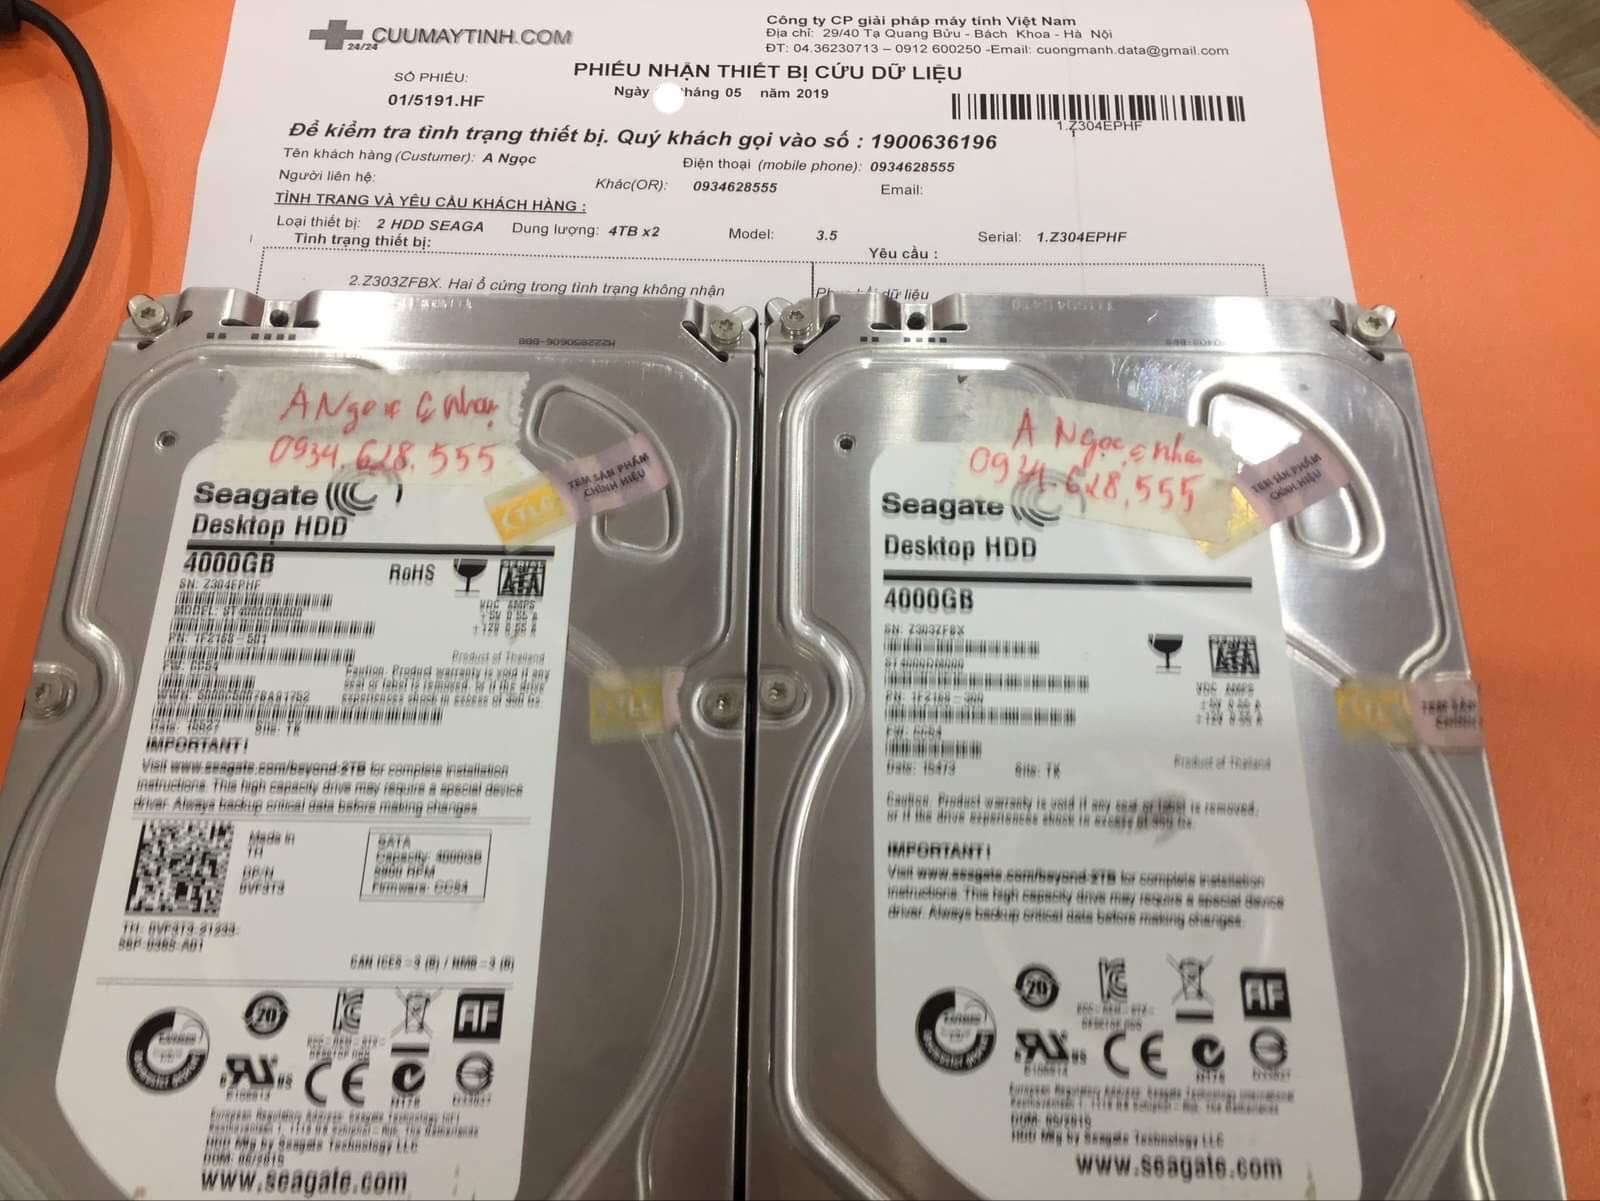 Cứu dữ liệu ổ cứng Seagate 4TB không nhận 20/05/2019 - cuumaytinh